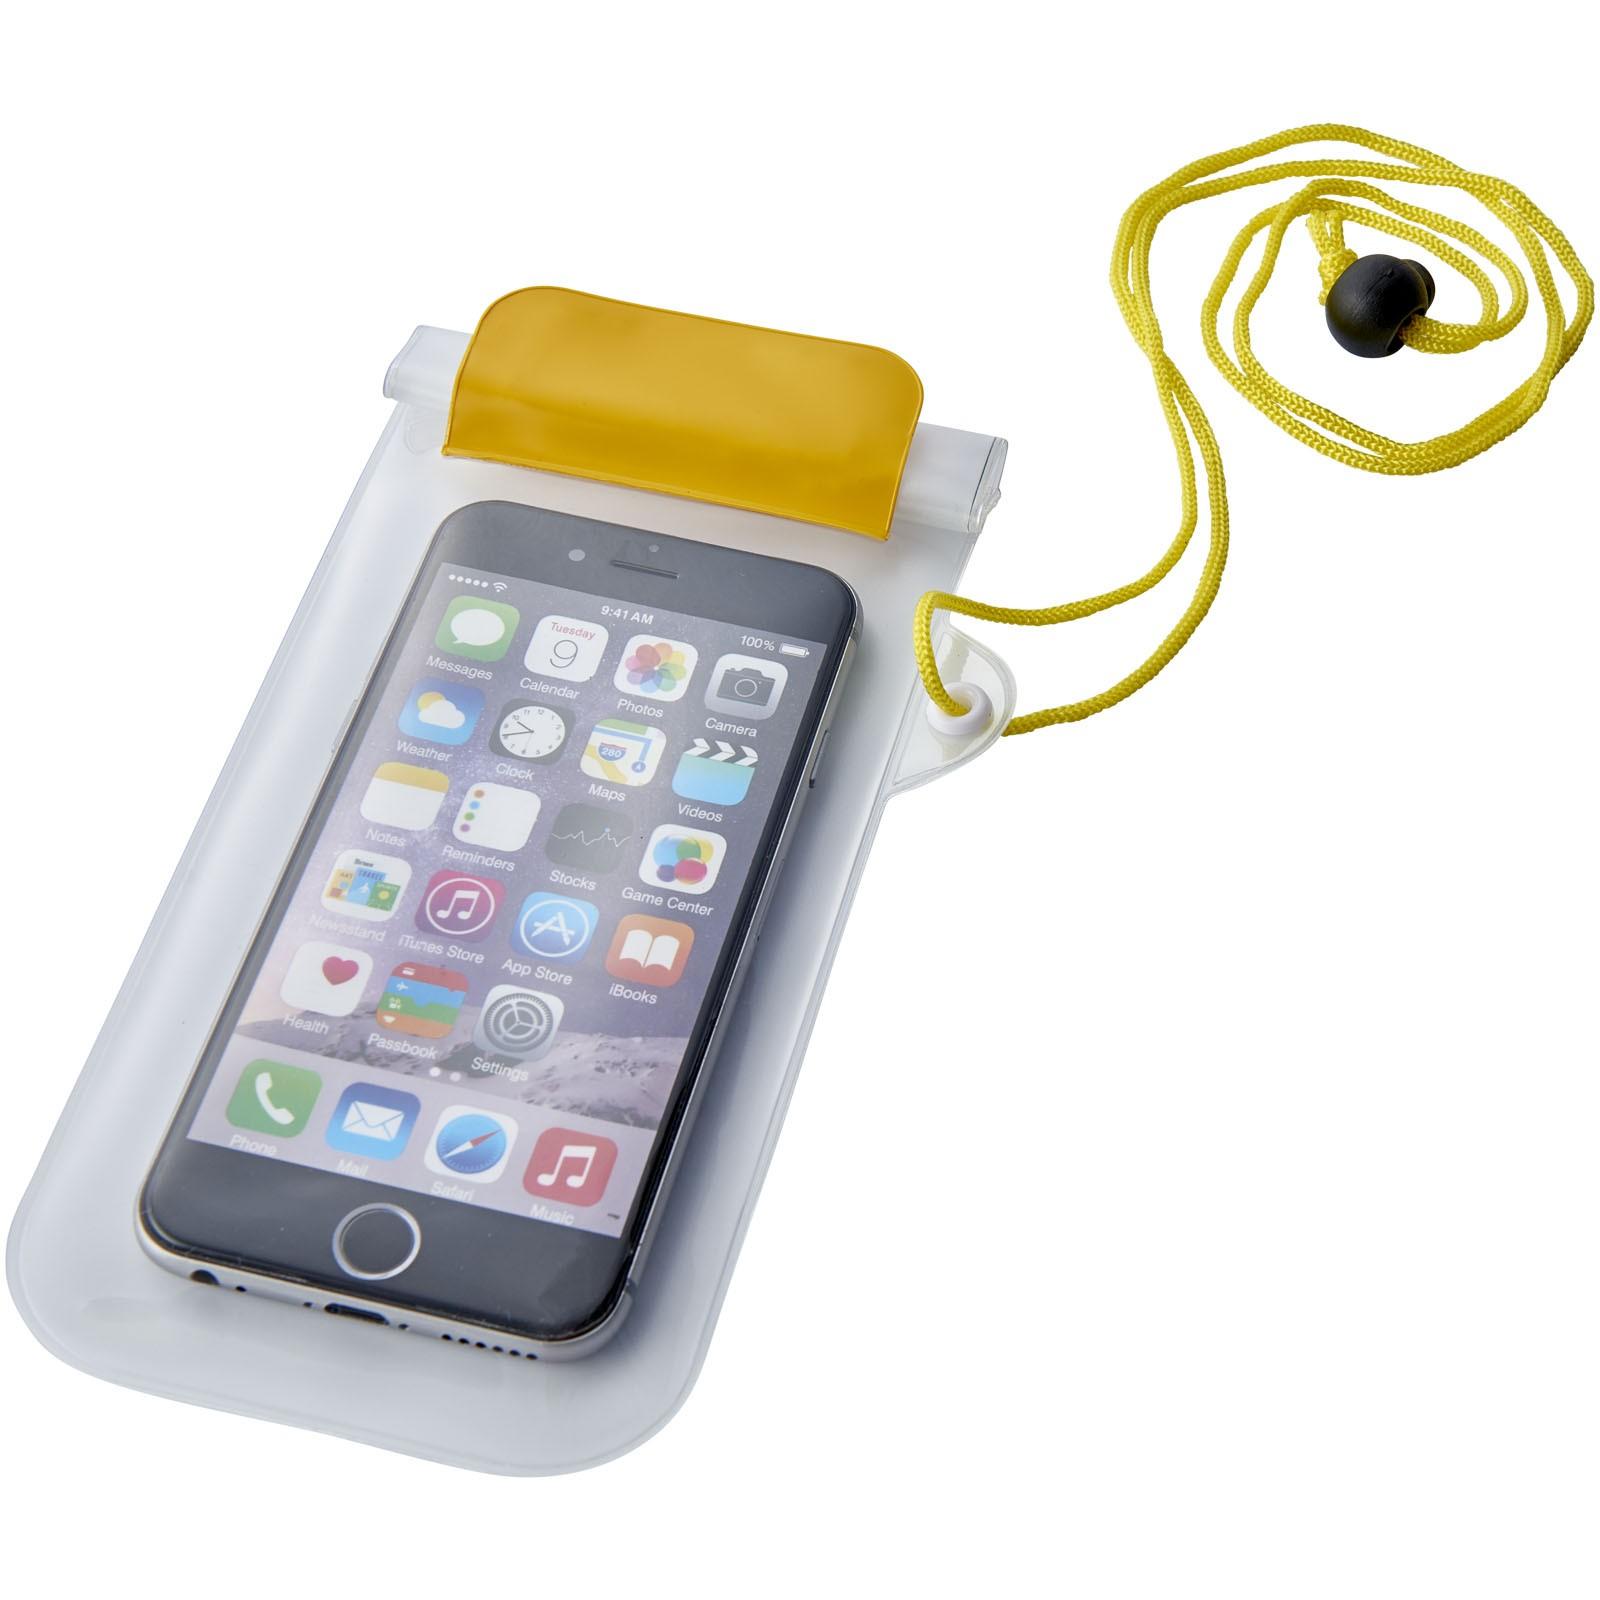 Vodotěsné pouzdro na chytrý telefon Mambo - Žlutá